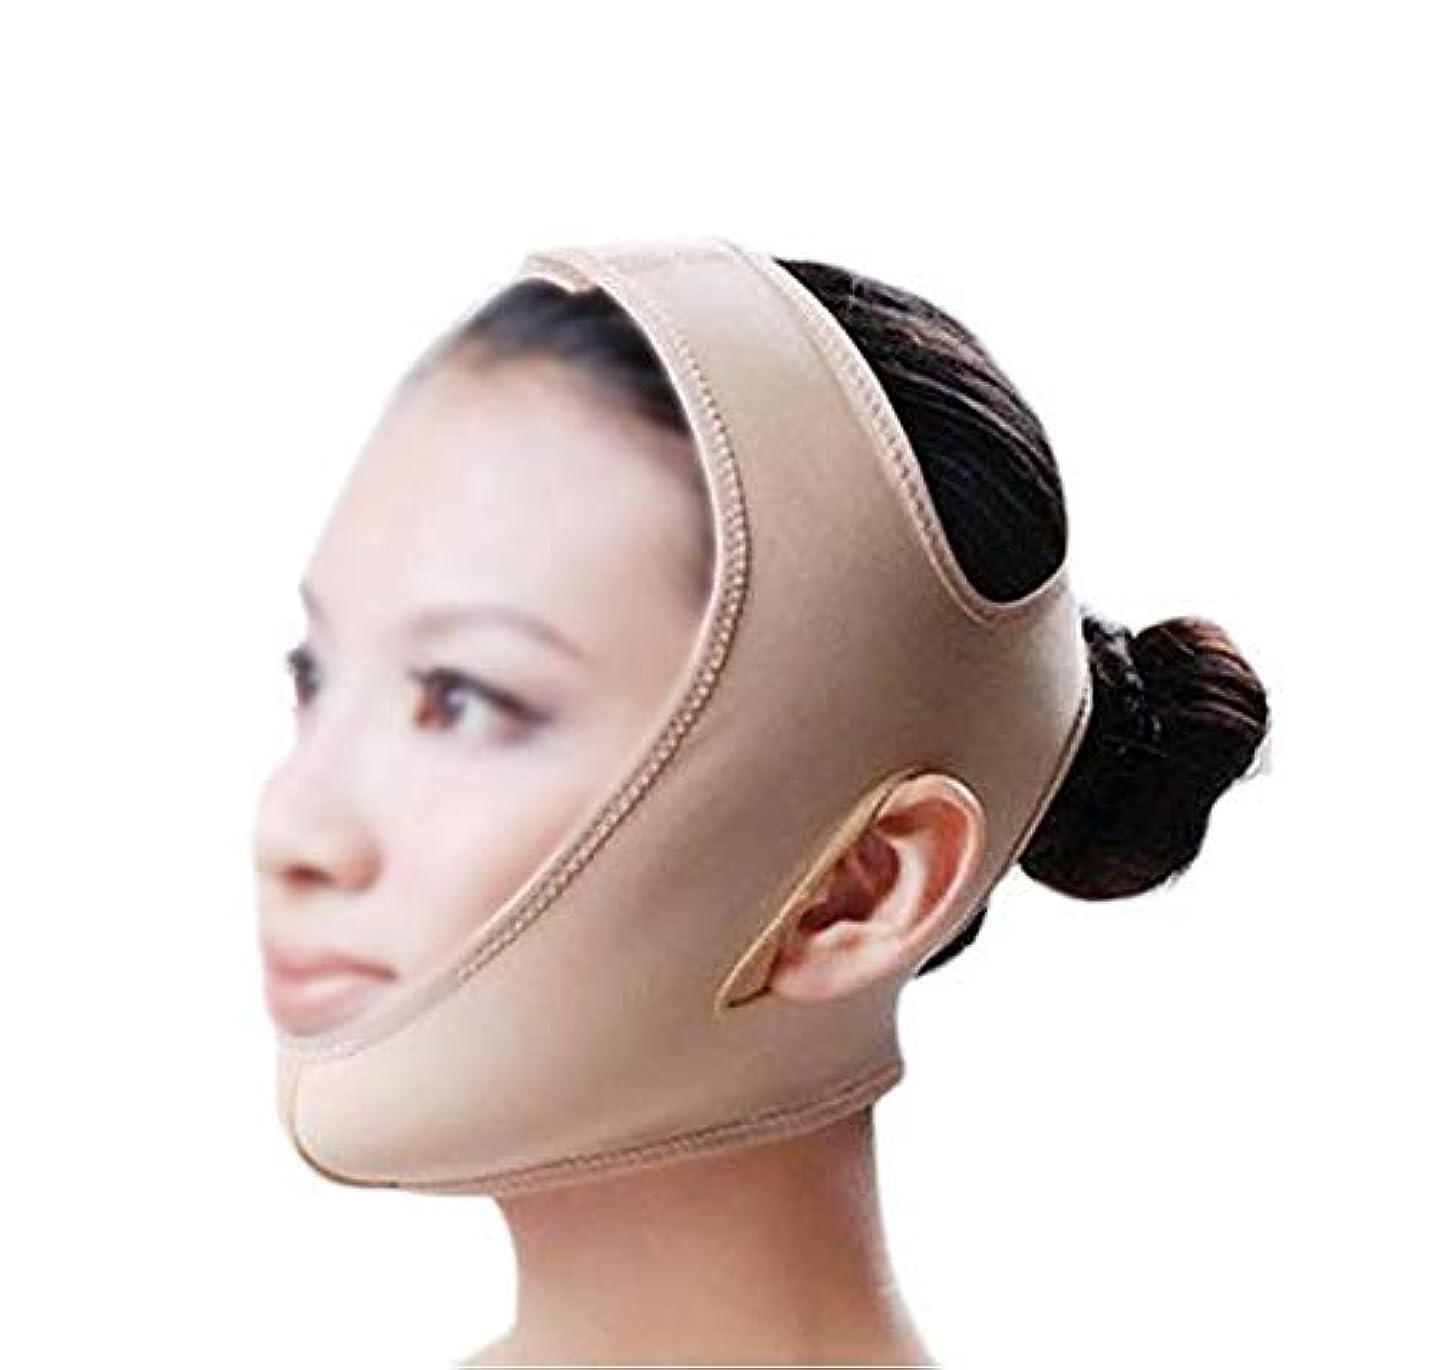 訪問認知インゲンXHLMRMJ 引き締めフェイスマスク、マスクフェイシャルマスク美容医学フェイスマスク美容vフェイス包帯ライン彫刻リフティング引き締めダブルチンマスク (Size : Xl)